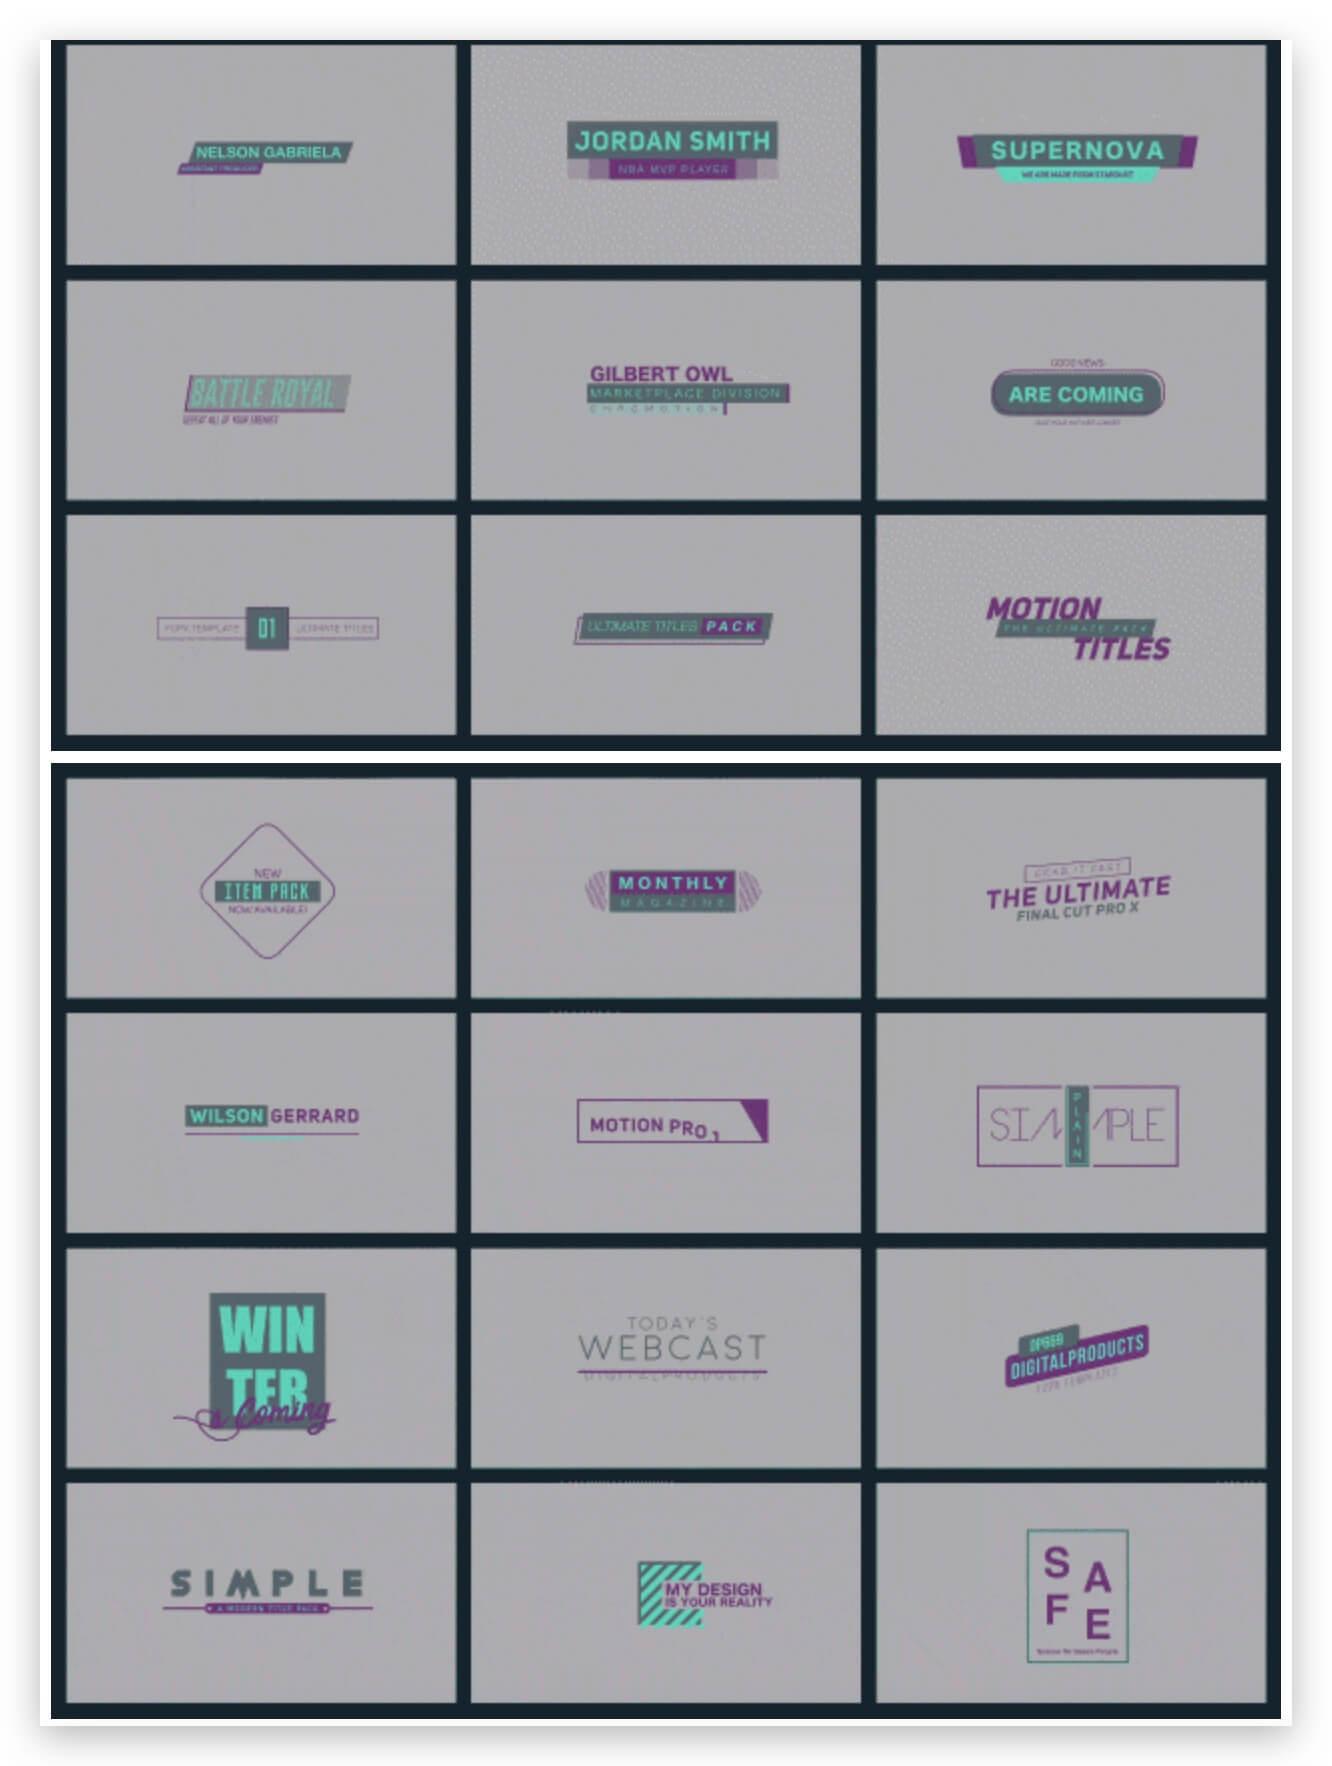 Fcpx标题插件 222组时尚LOGO展示字幕条标签婚礼人名排版复古卡通集合